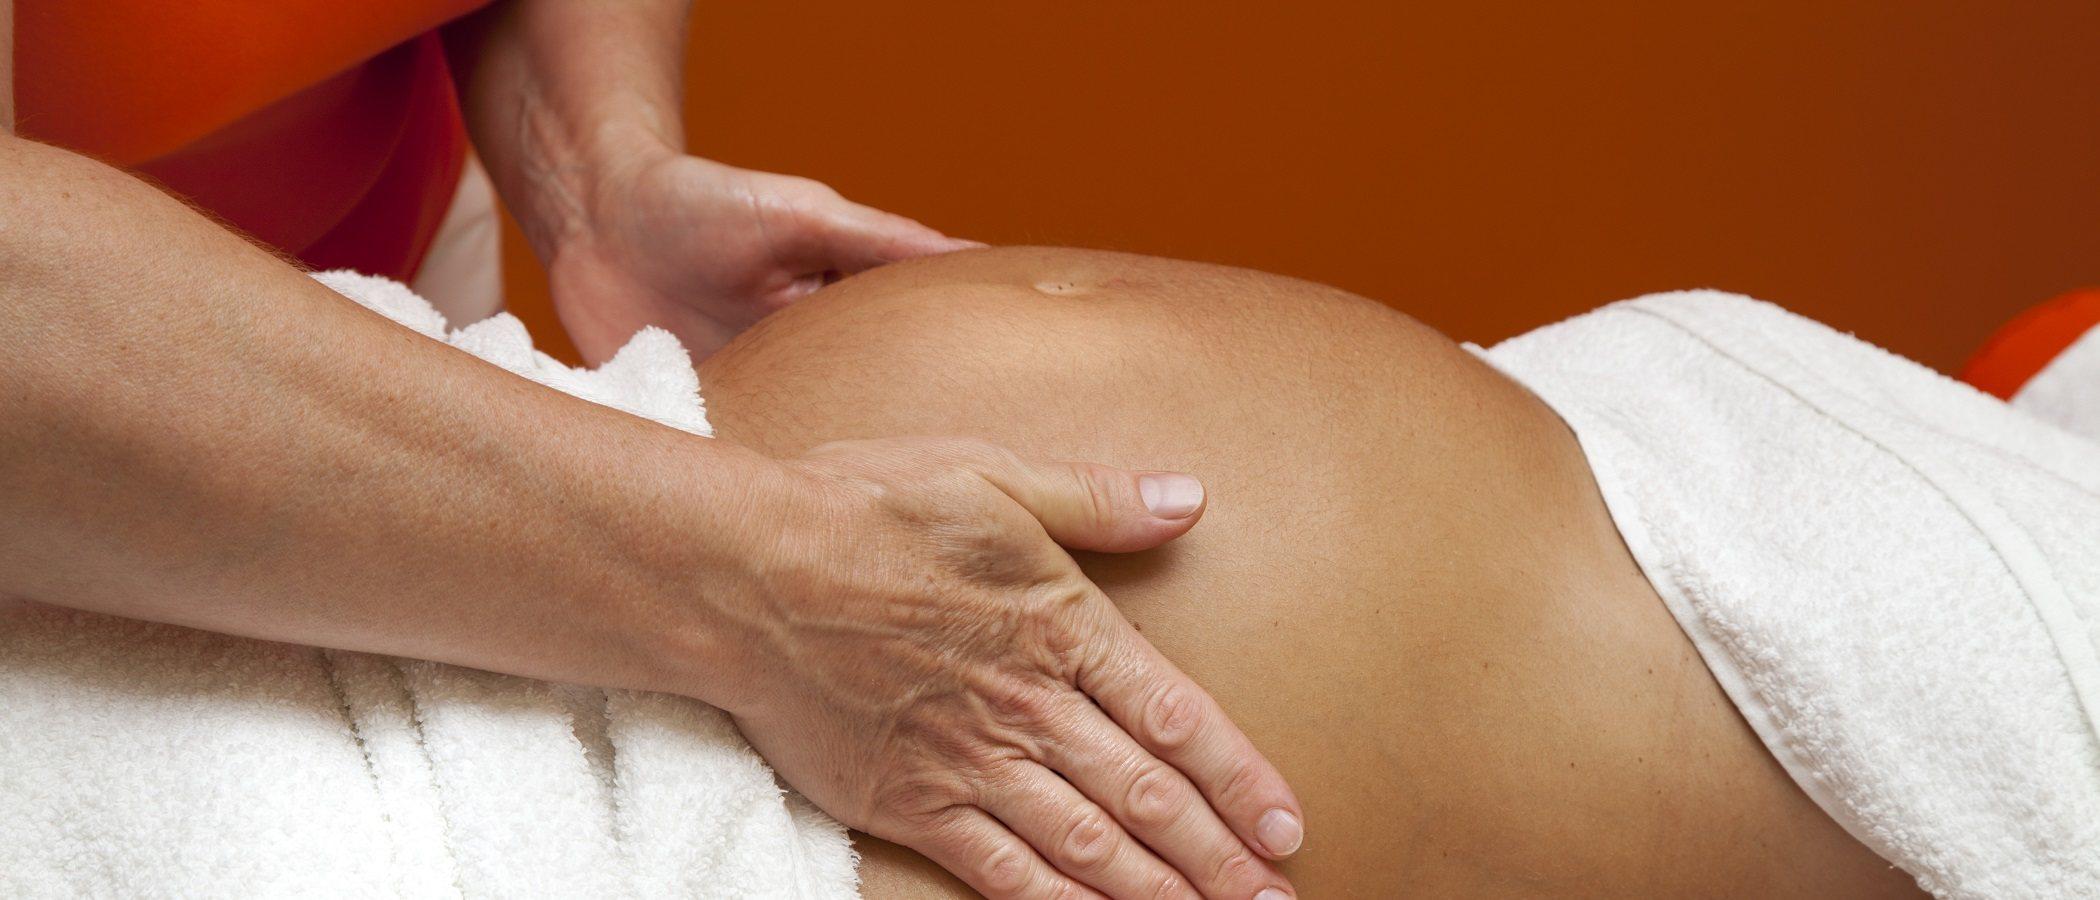 Paso a paso: el masaje perineal